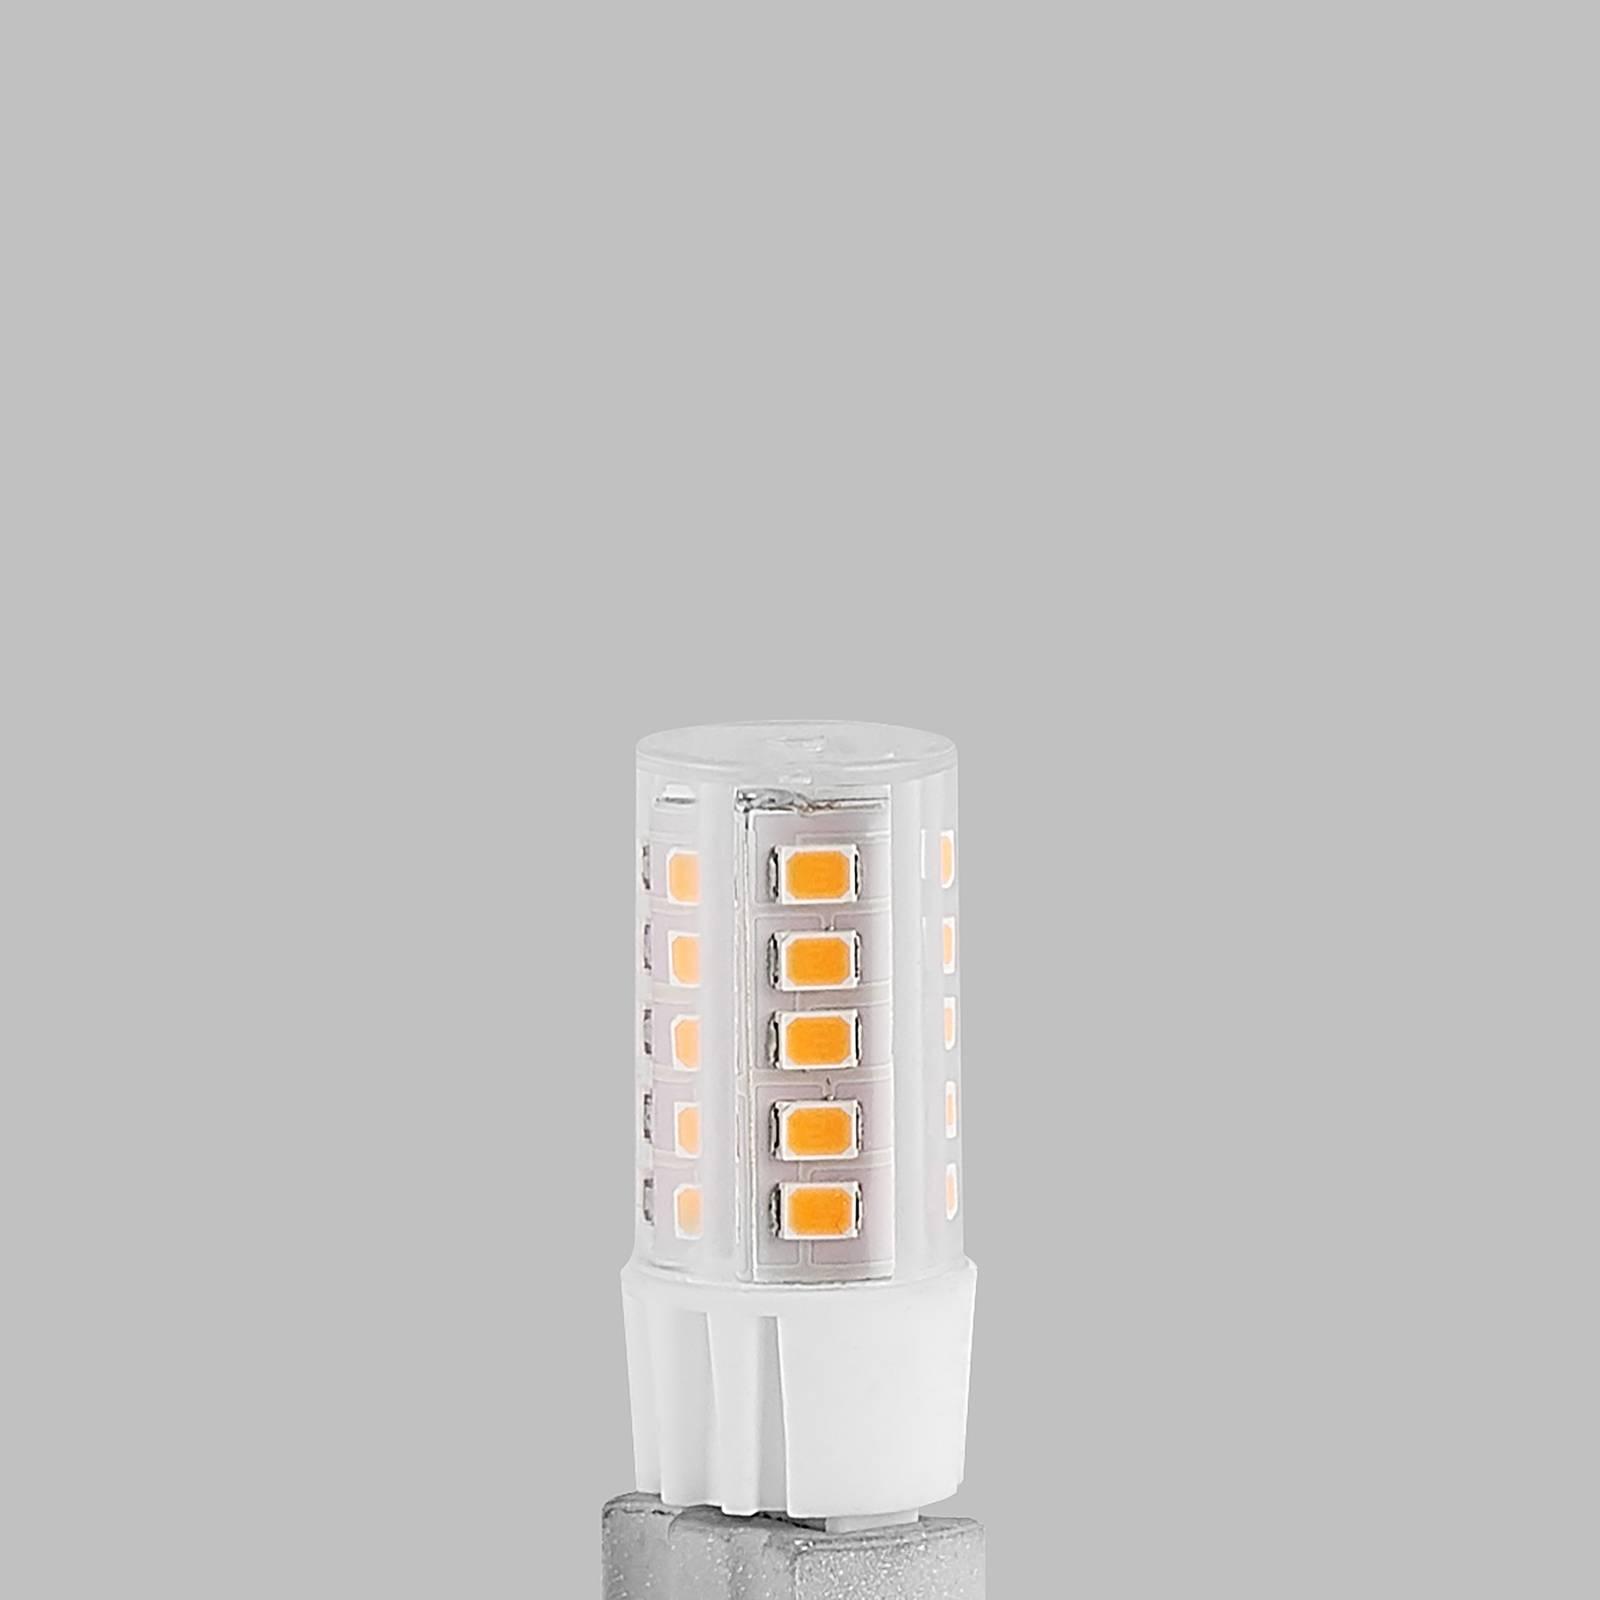 Arcchio bi-pin LED bulb G9 3.5W 2,700K